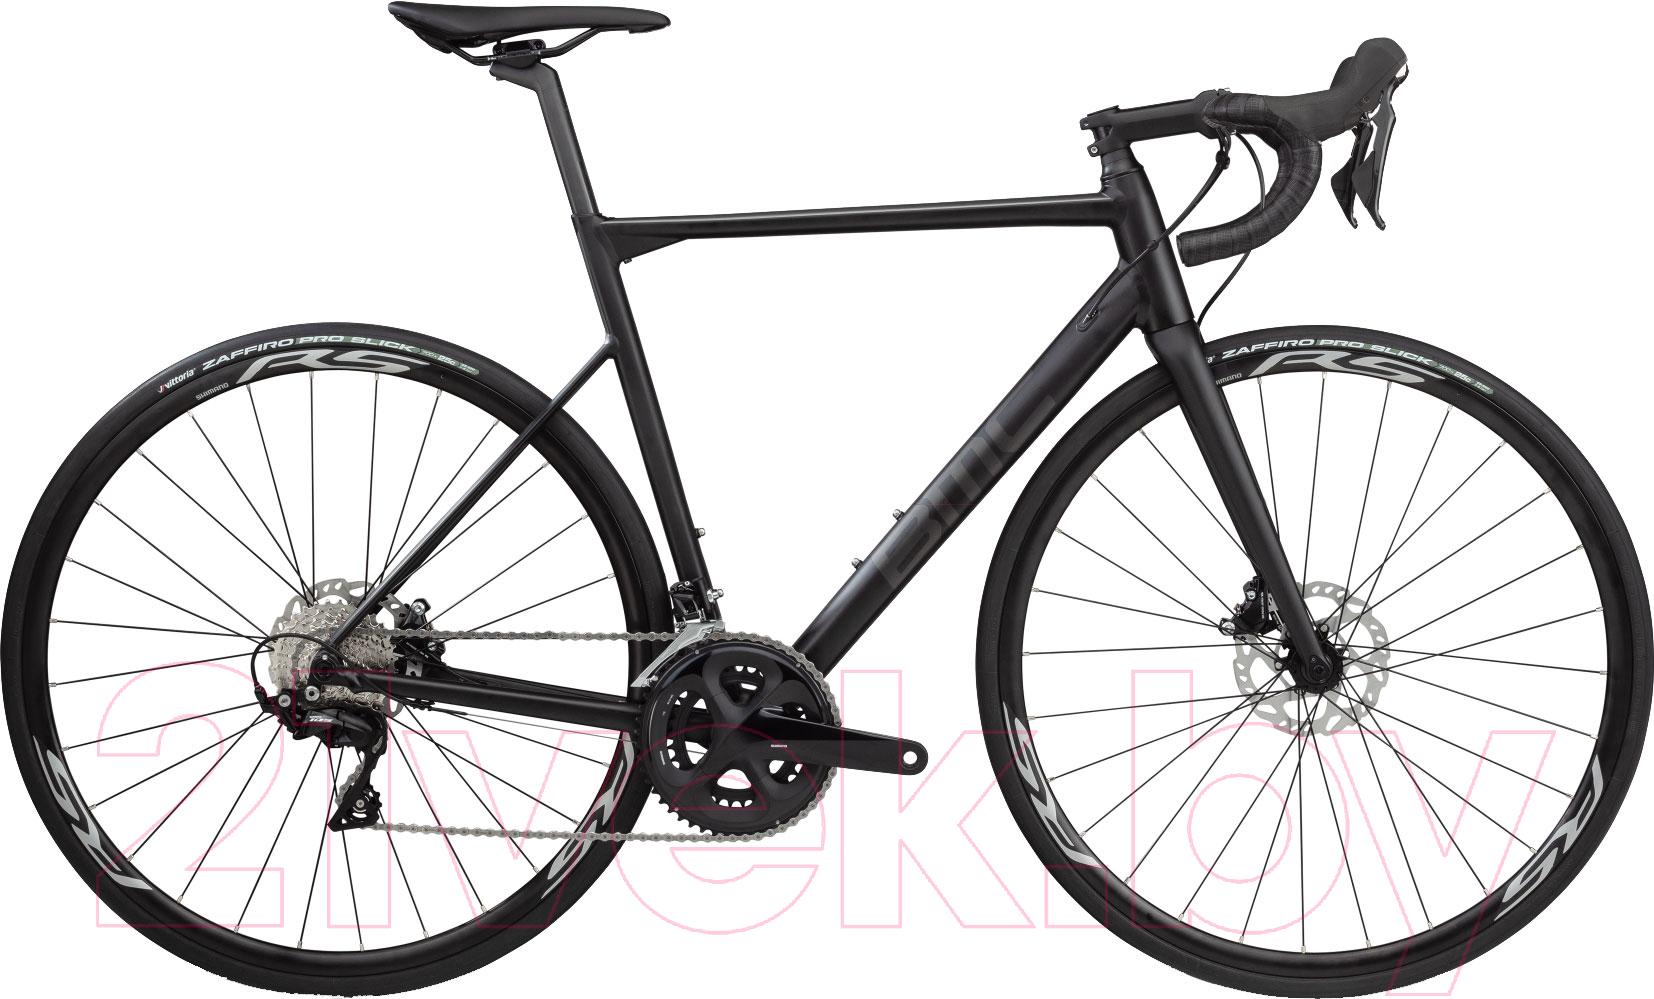 Купить Велосипед BMC, Teammachine ALR Disc One 105 2019 / ALRDiscOne (57, черный/серый/серый), Швейцария